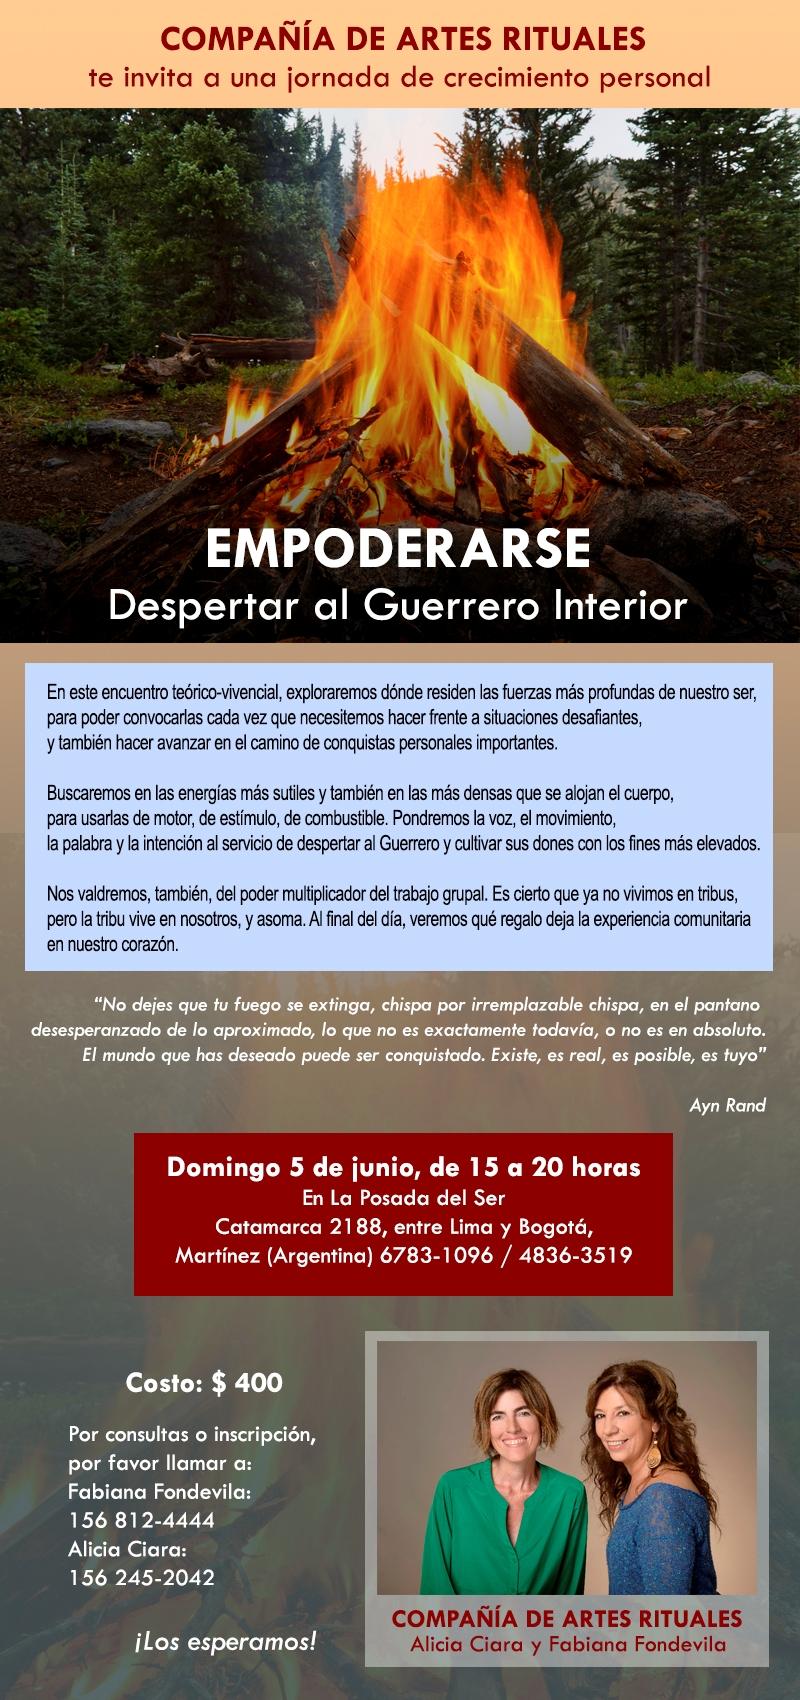 flyer-empoderarse-5-junio